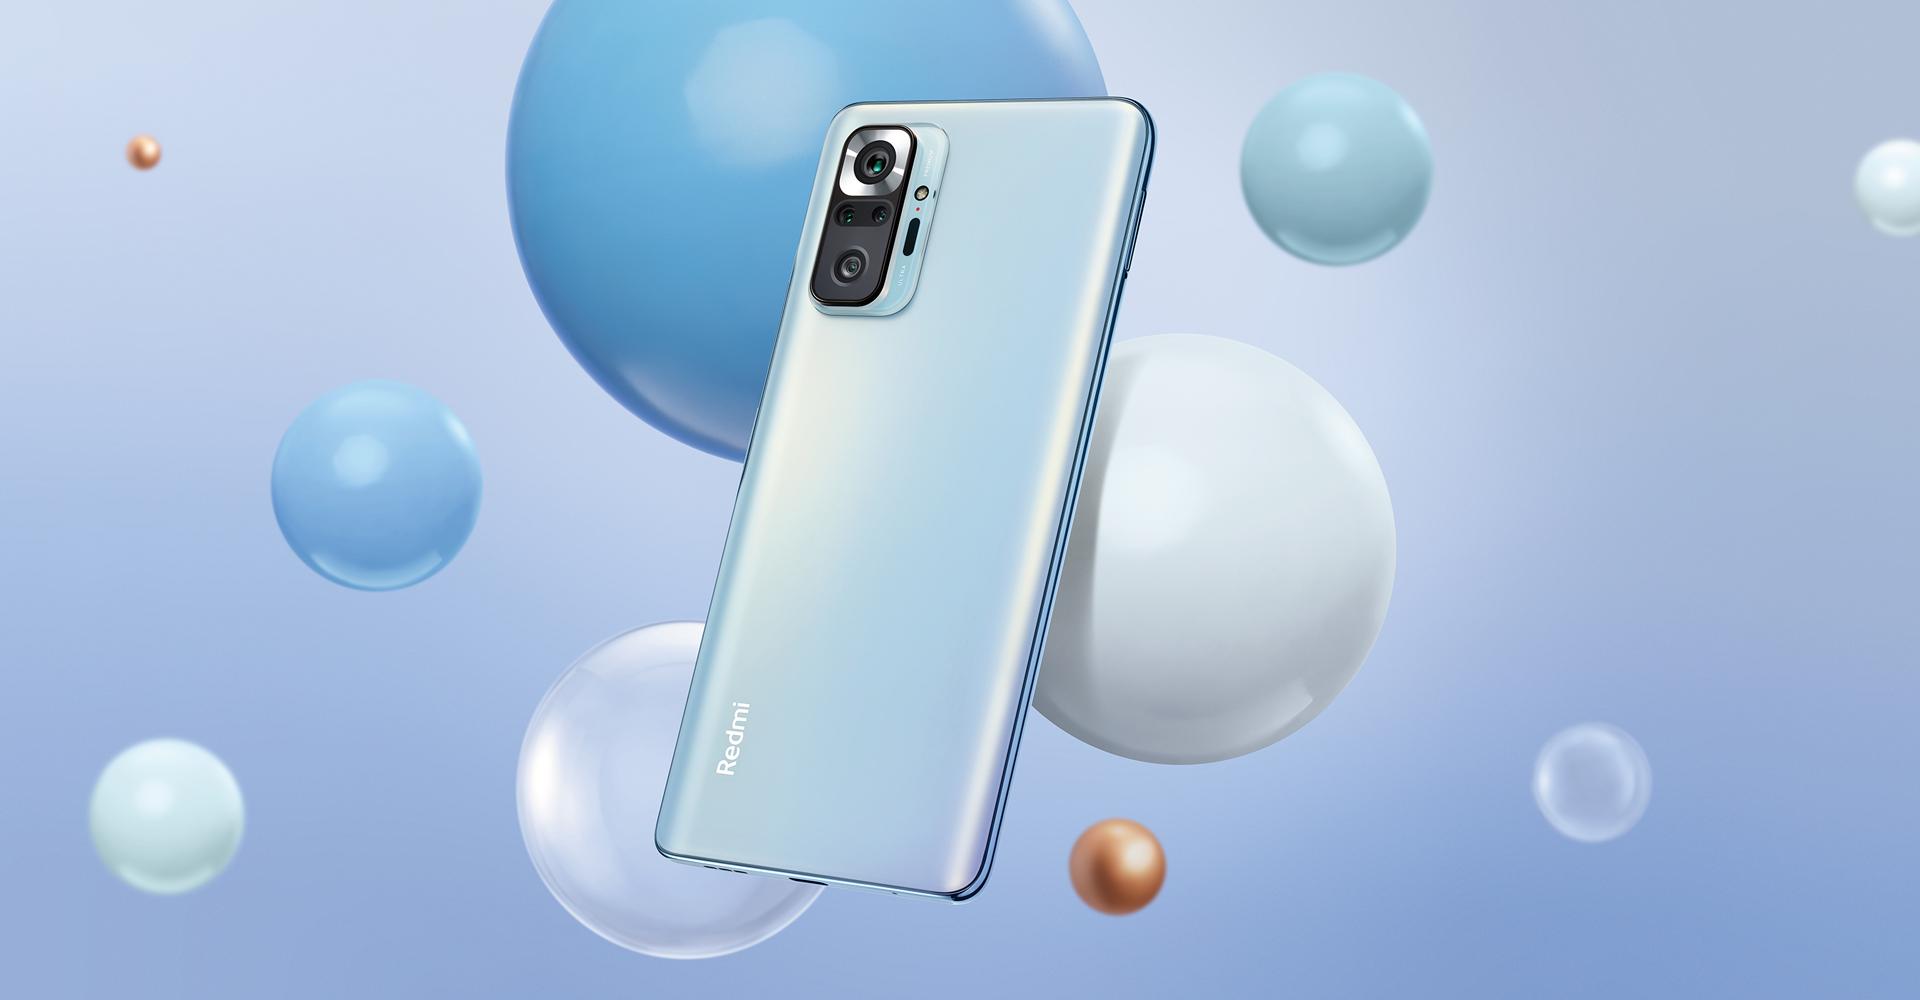 Xiaomi lança smartphones redmi note 10s e redmi note 10 pro no brasil. Hoje foram divulgados o redmi note 10 e redmi note 10 pro no brasil, smartphones com 6gb de ram e câmeras poderosas de até 108mp